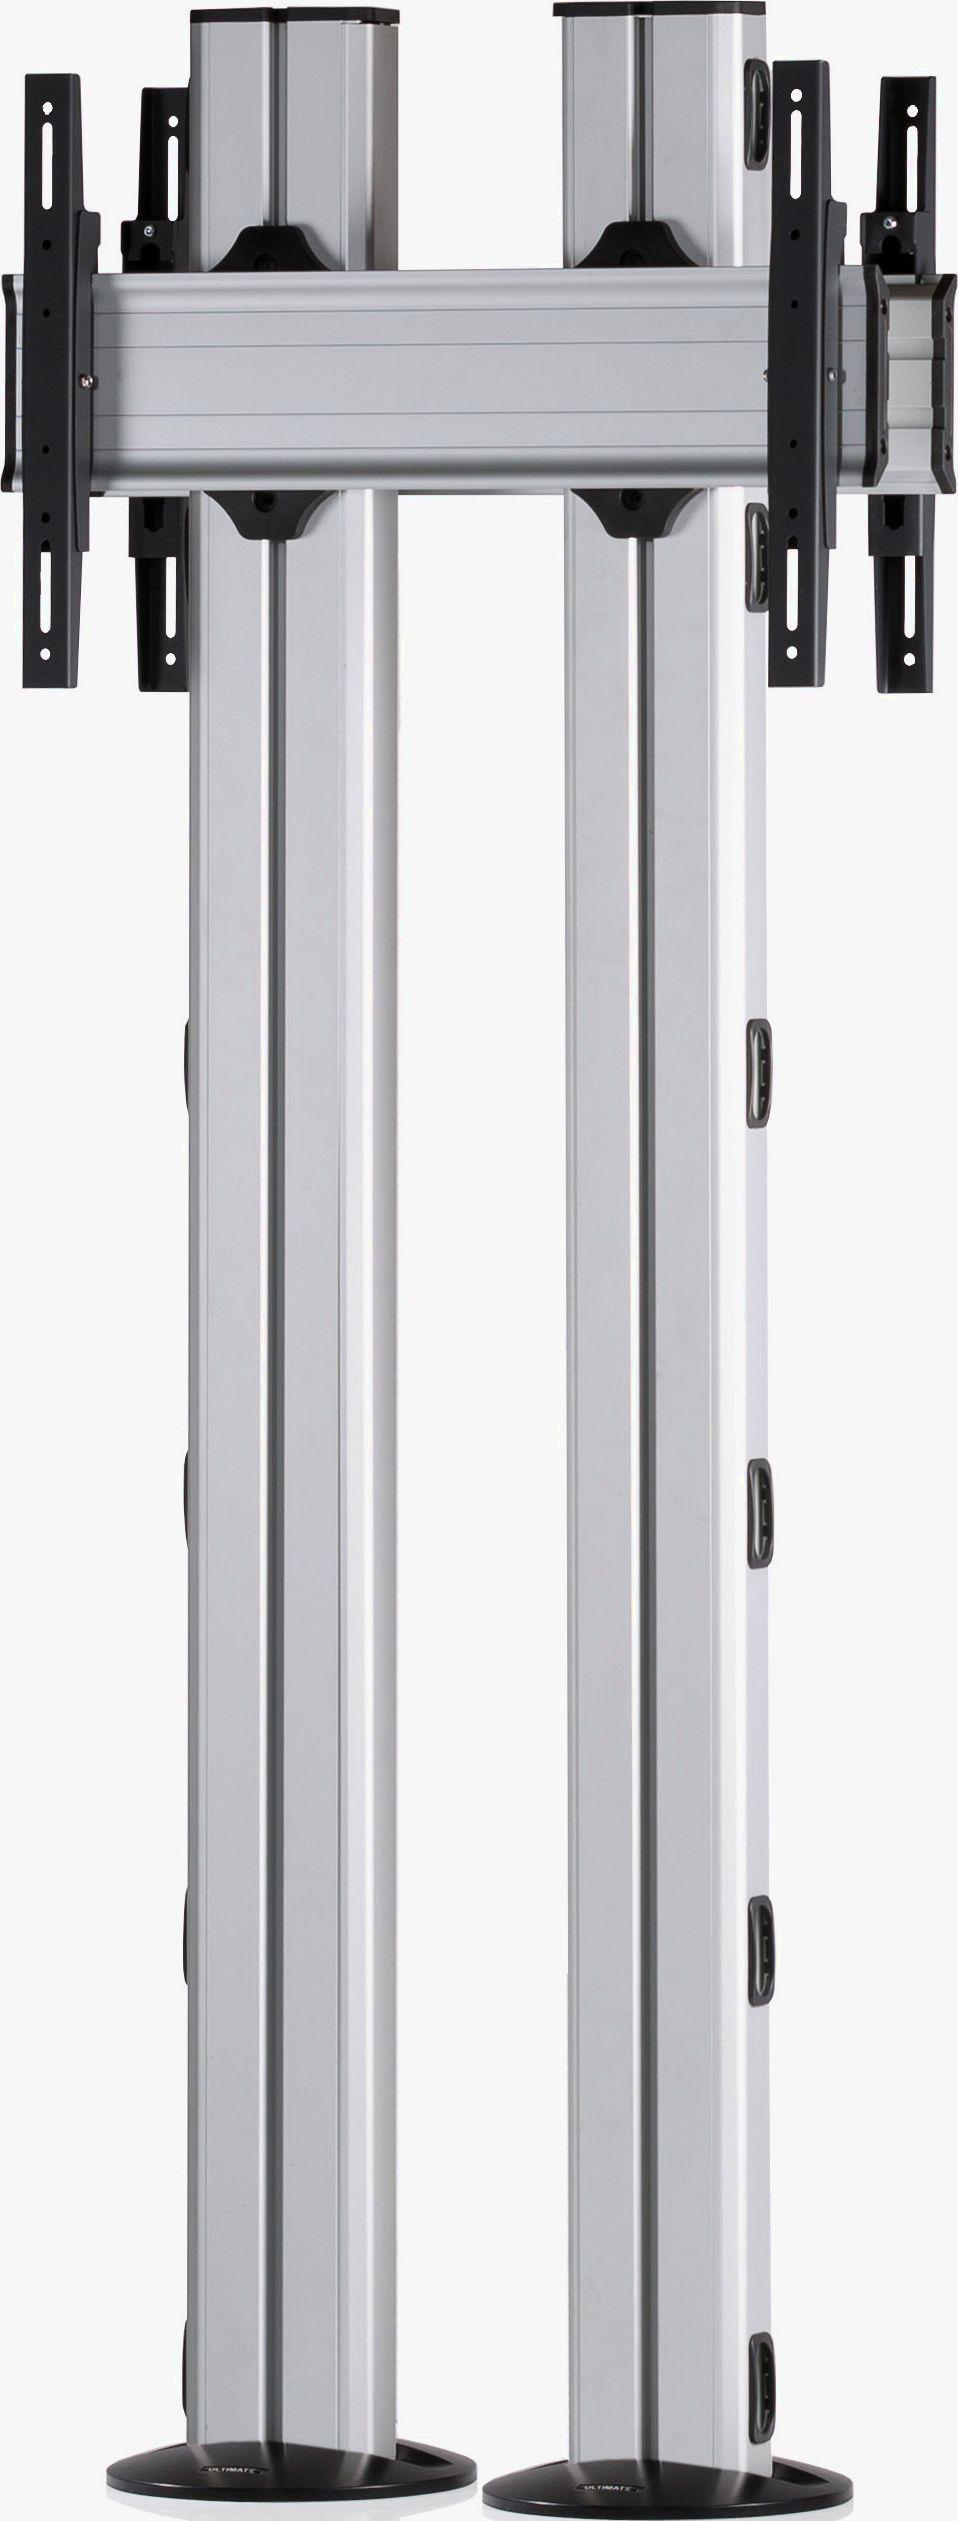 2 Displays 1×1 beidseitig, für große Bildschirme, Höhe 180 cm, Standard-VESA, zur Bodenbefestigung